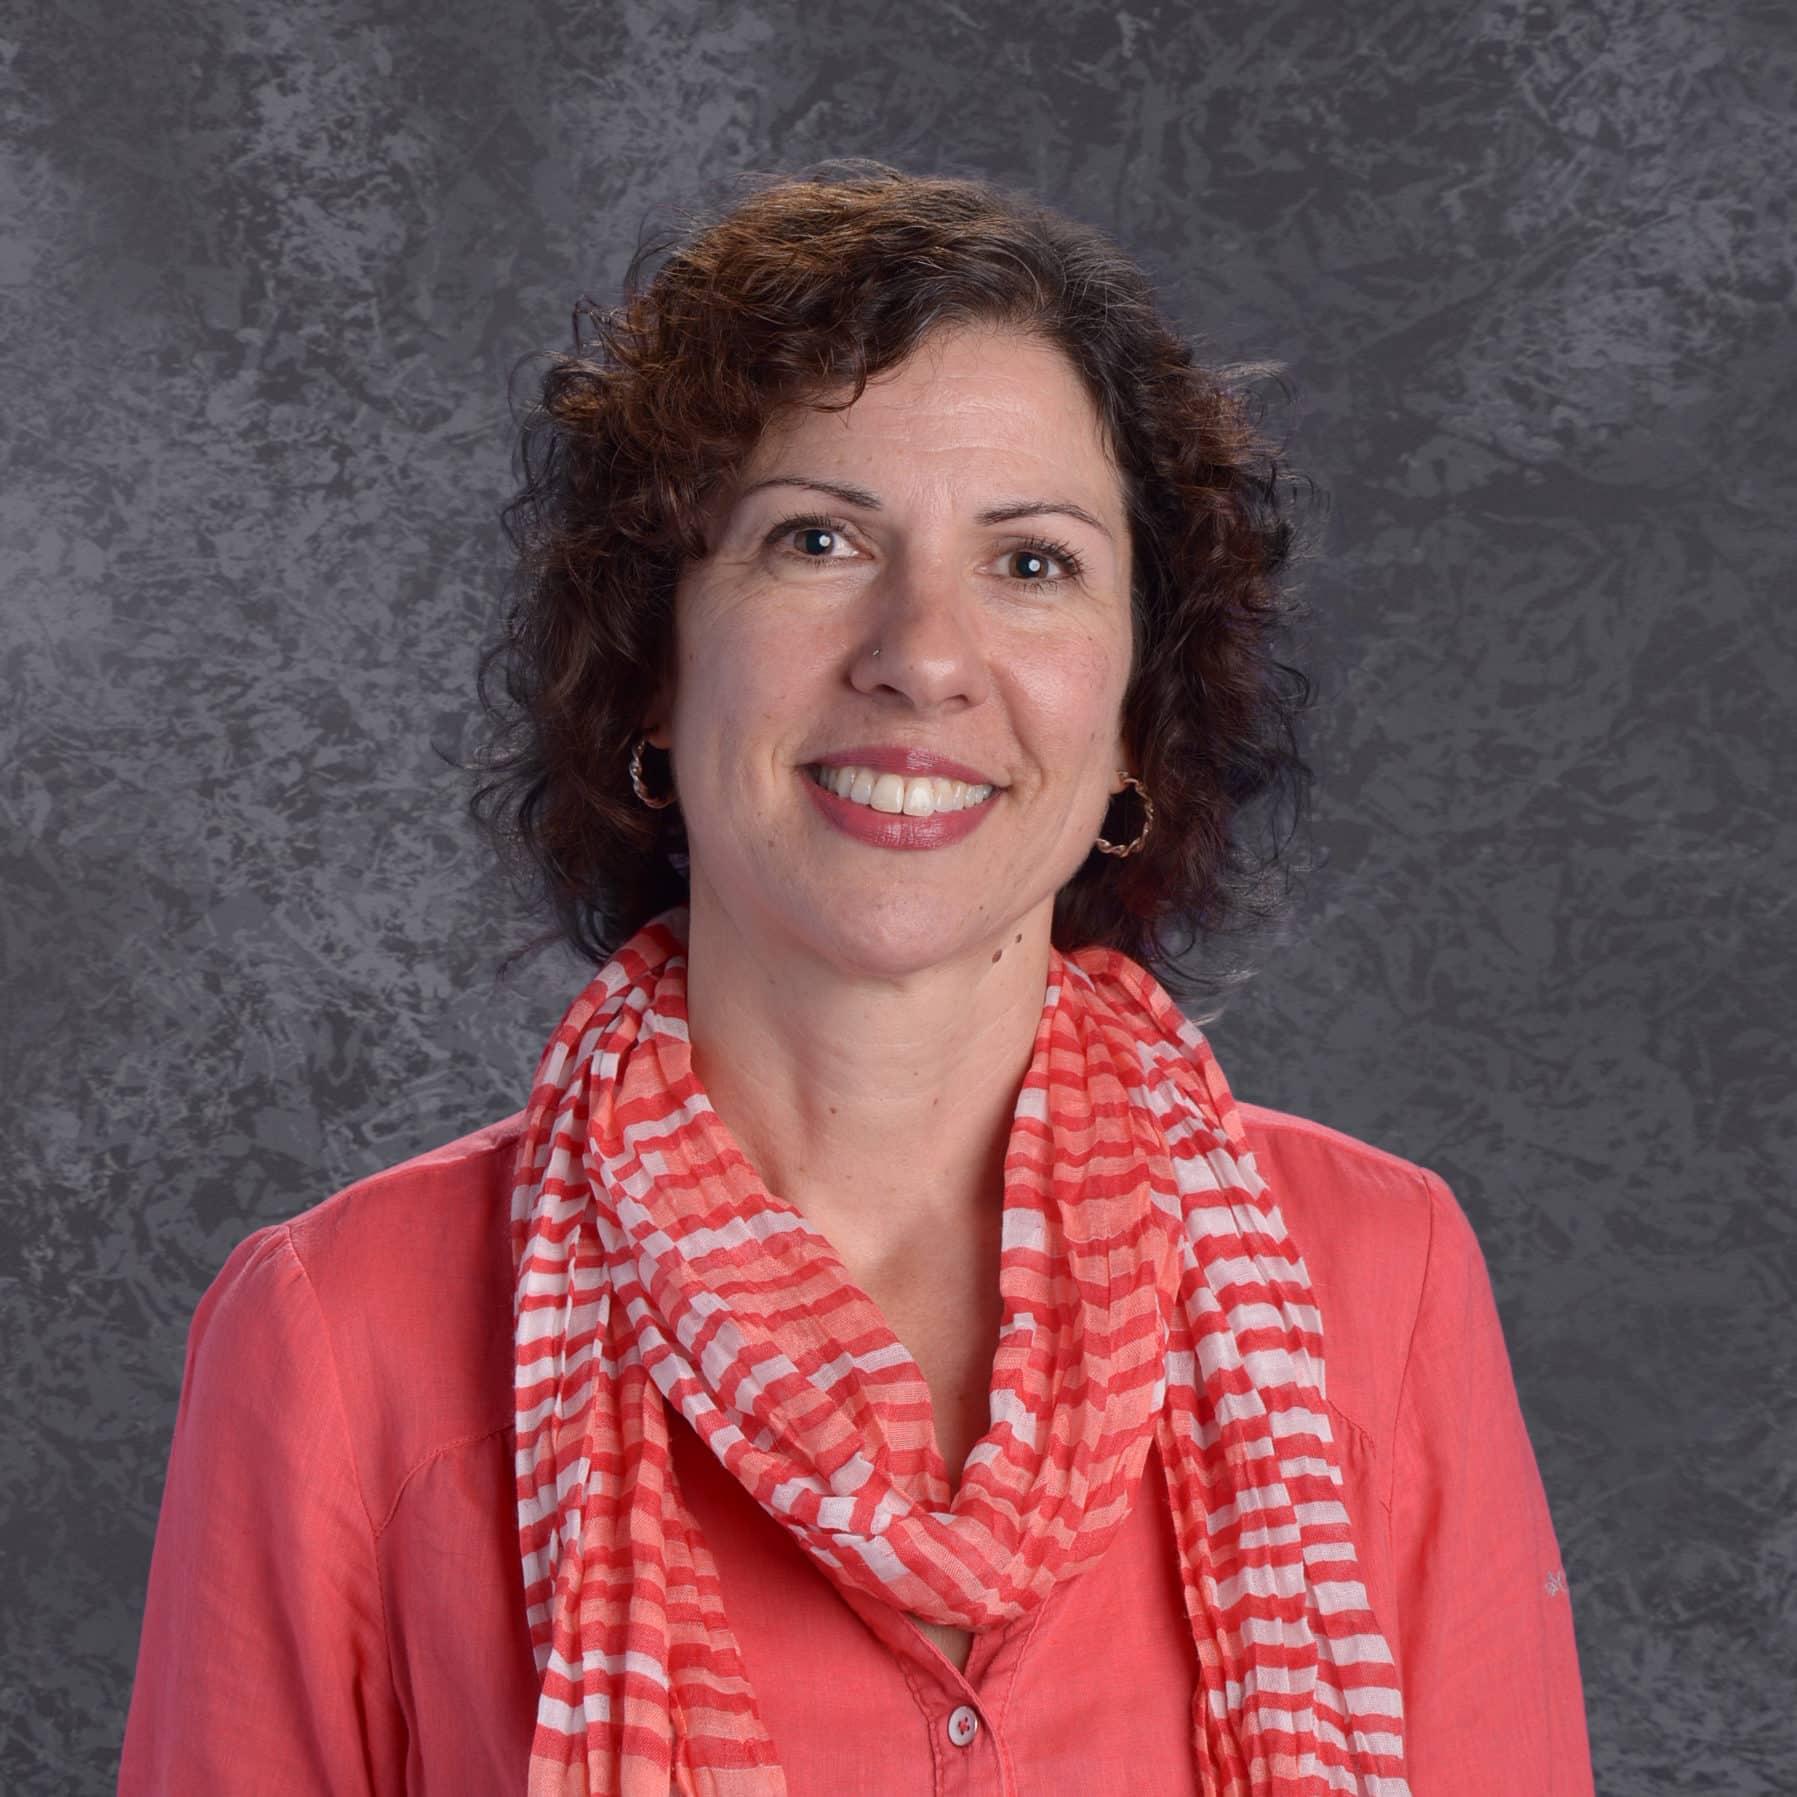 Gabrielle Moreau